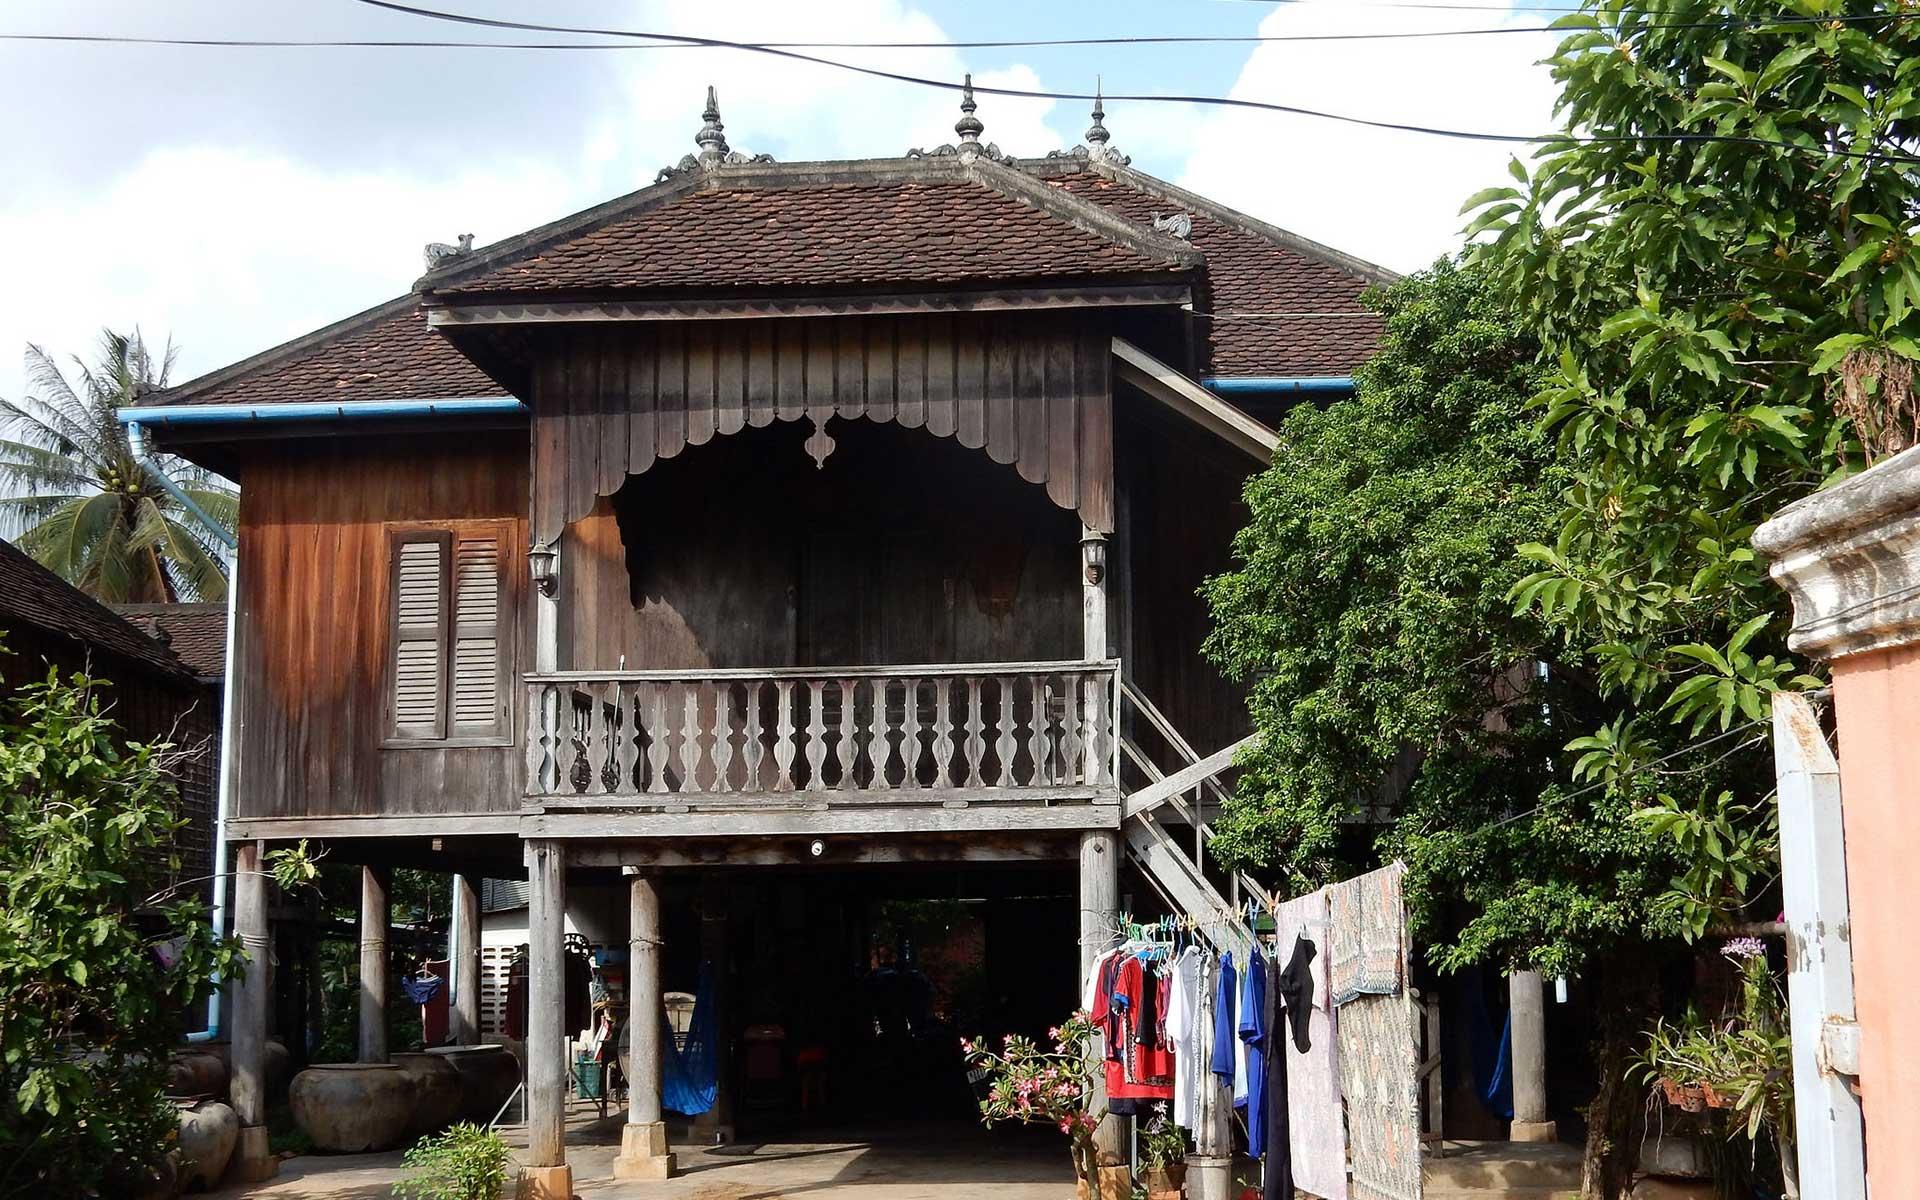 Visit Khmer heritage houses in Wat Kor Village